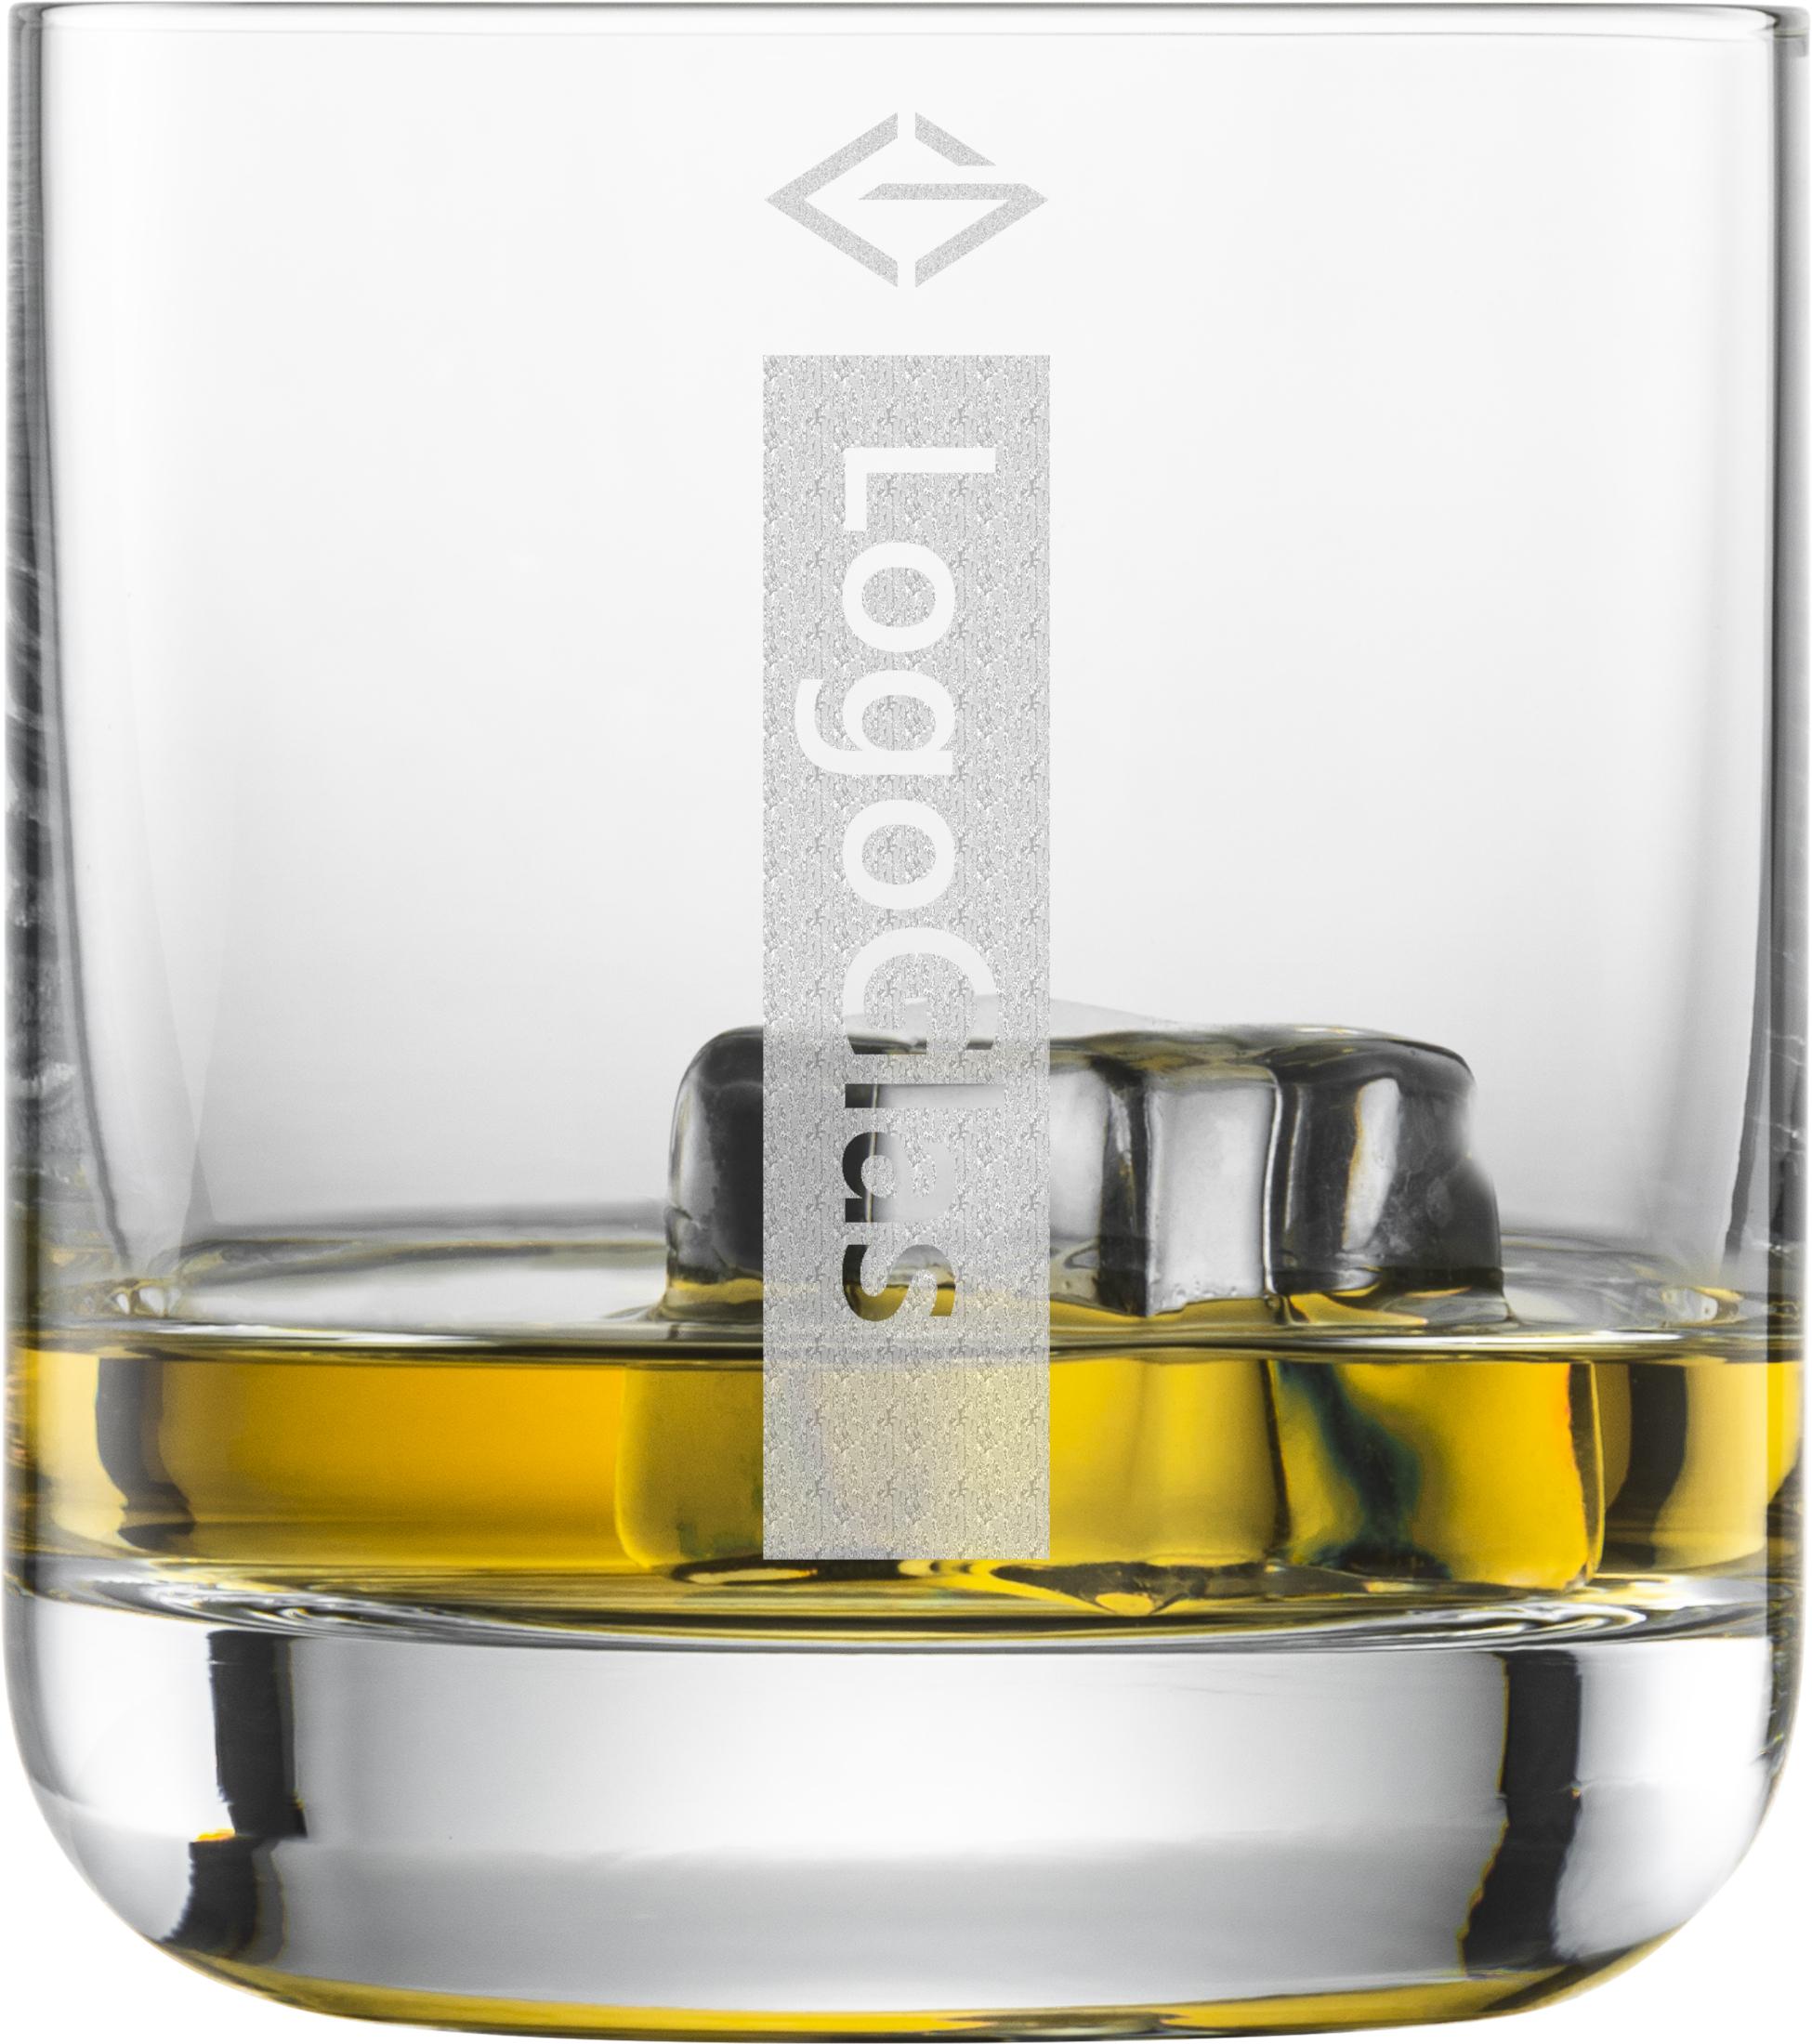 LOGO Whiskyglas / Tumbler 300ml | Schott Convention 60 |  mit Logo Gravur